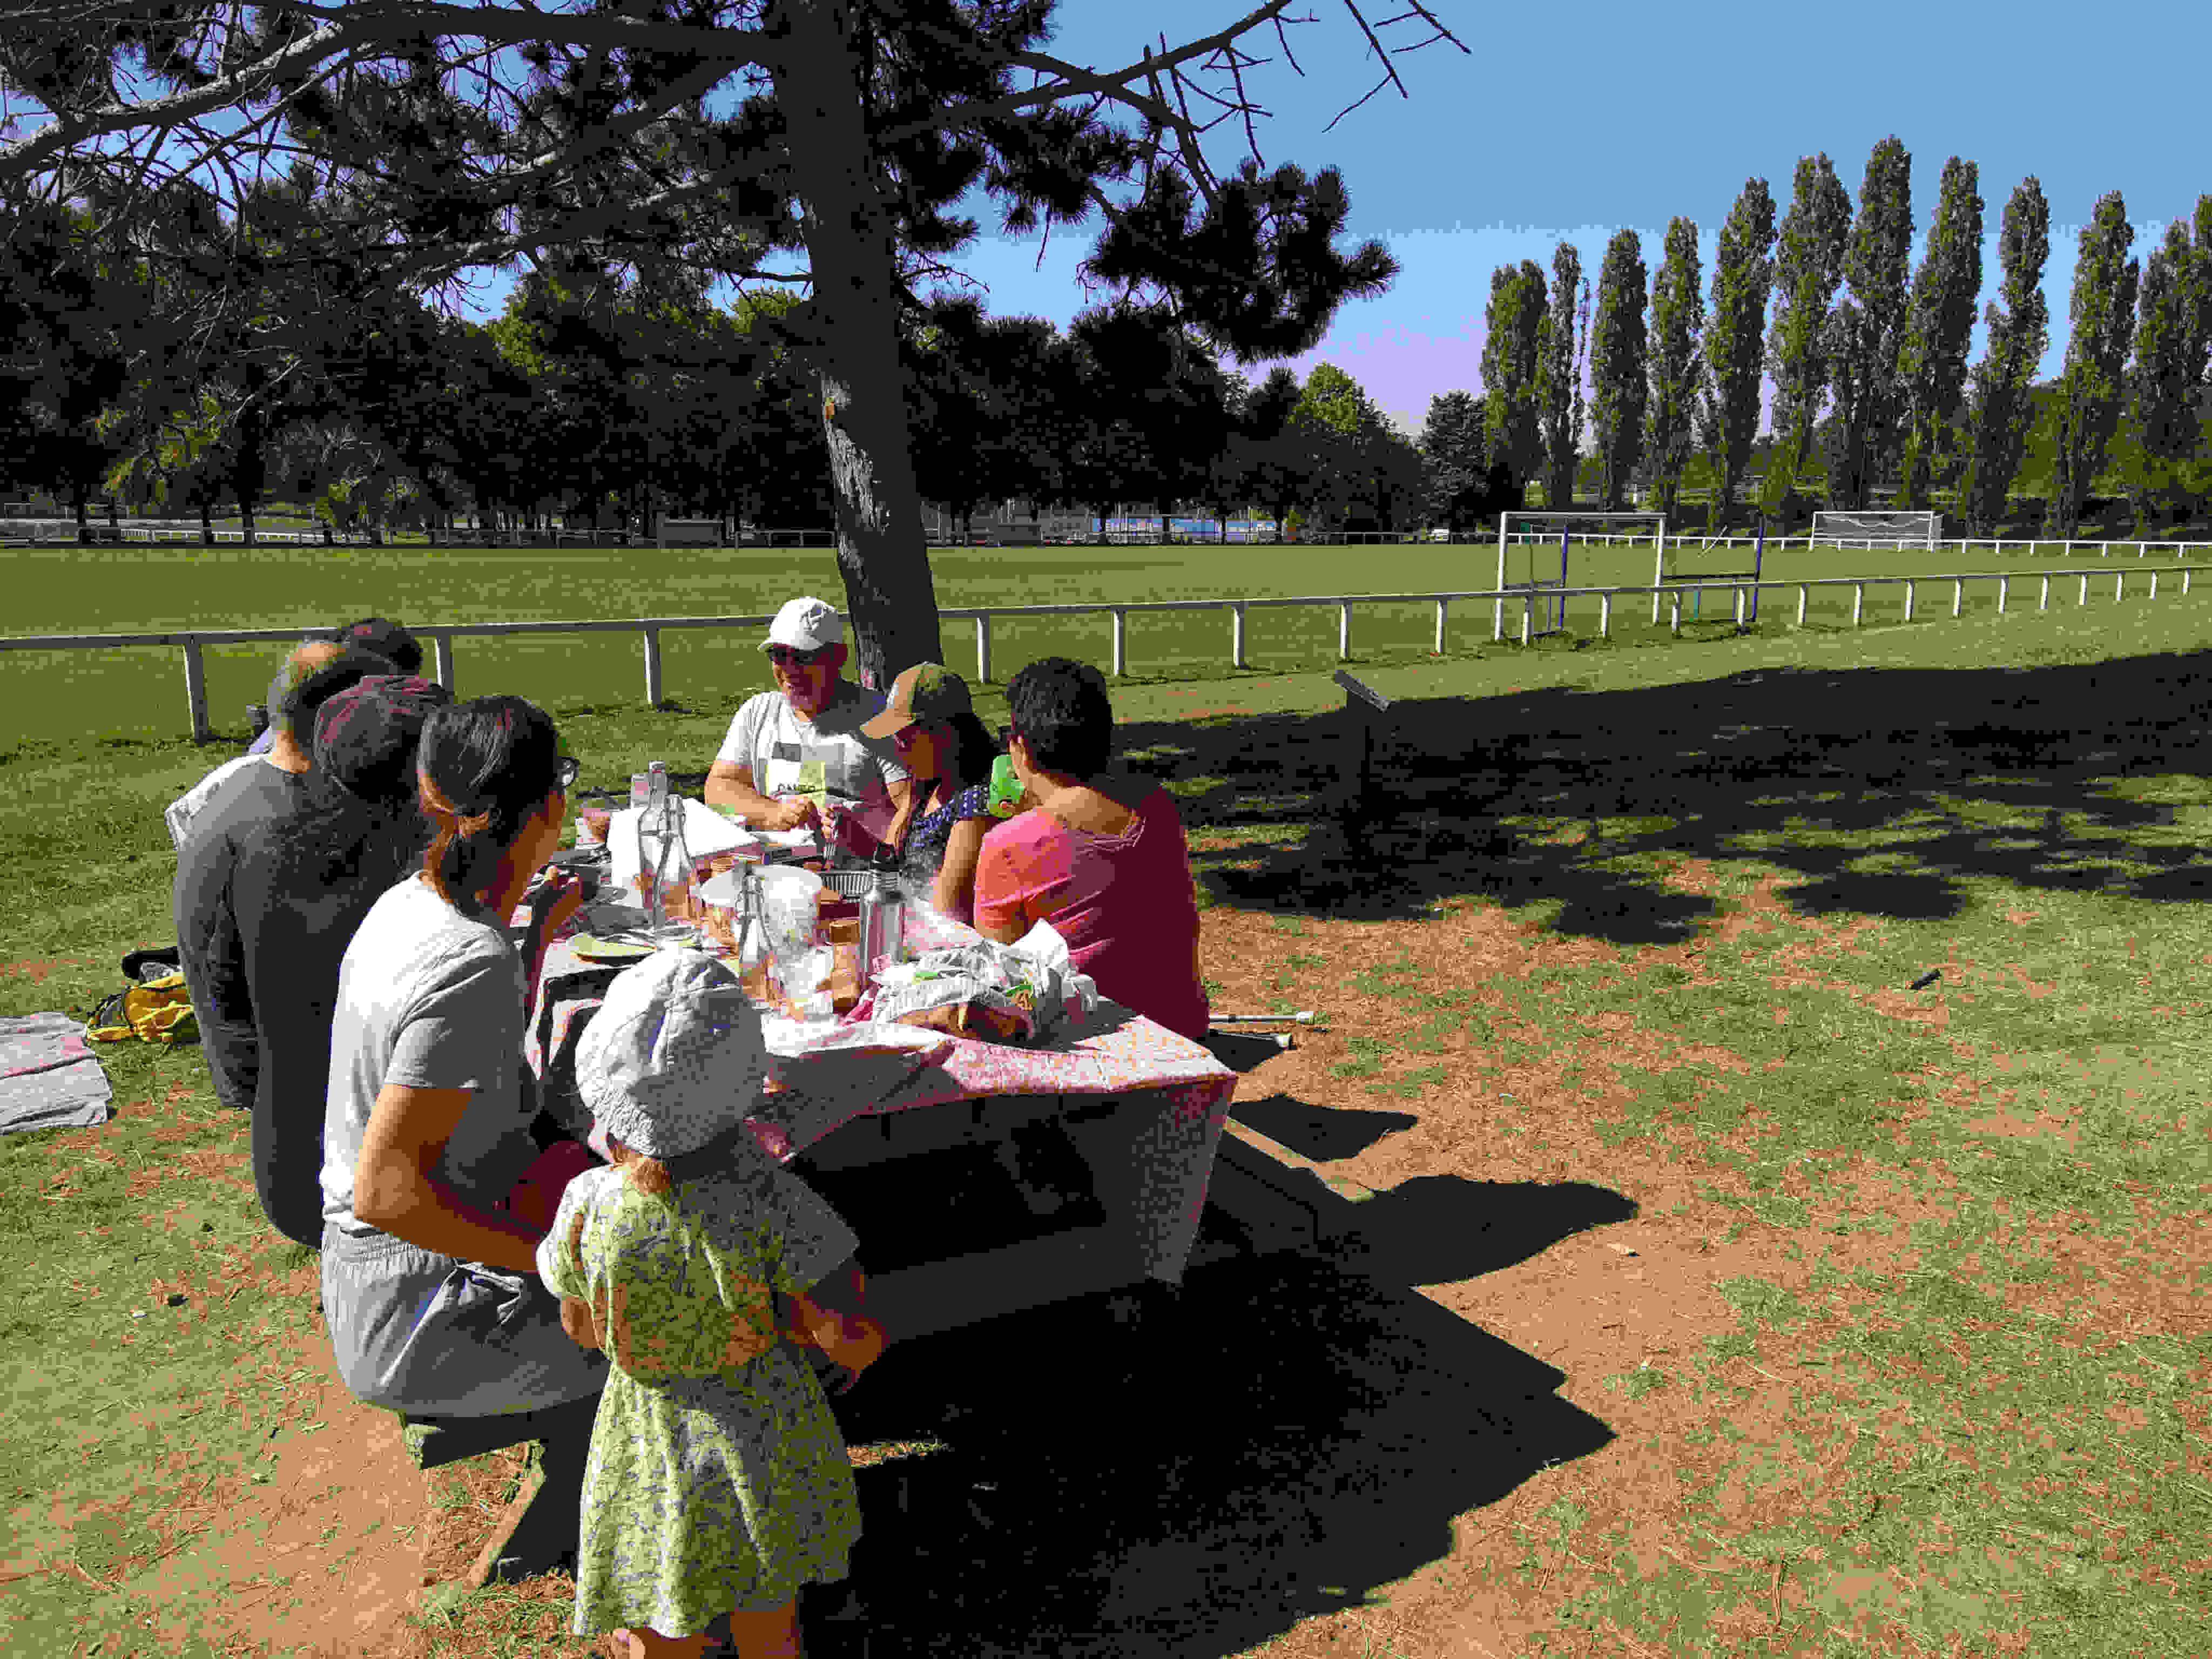 Pique-nique entre voisins au parc maurice leluc saint-cyr l'école